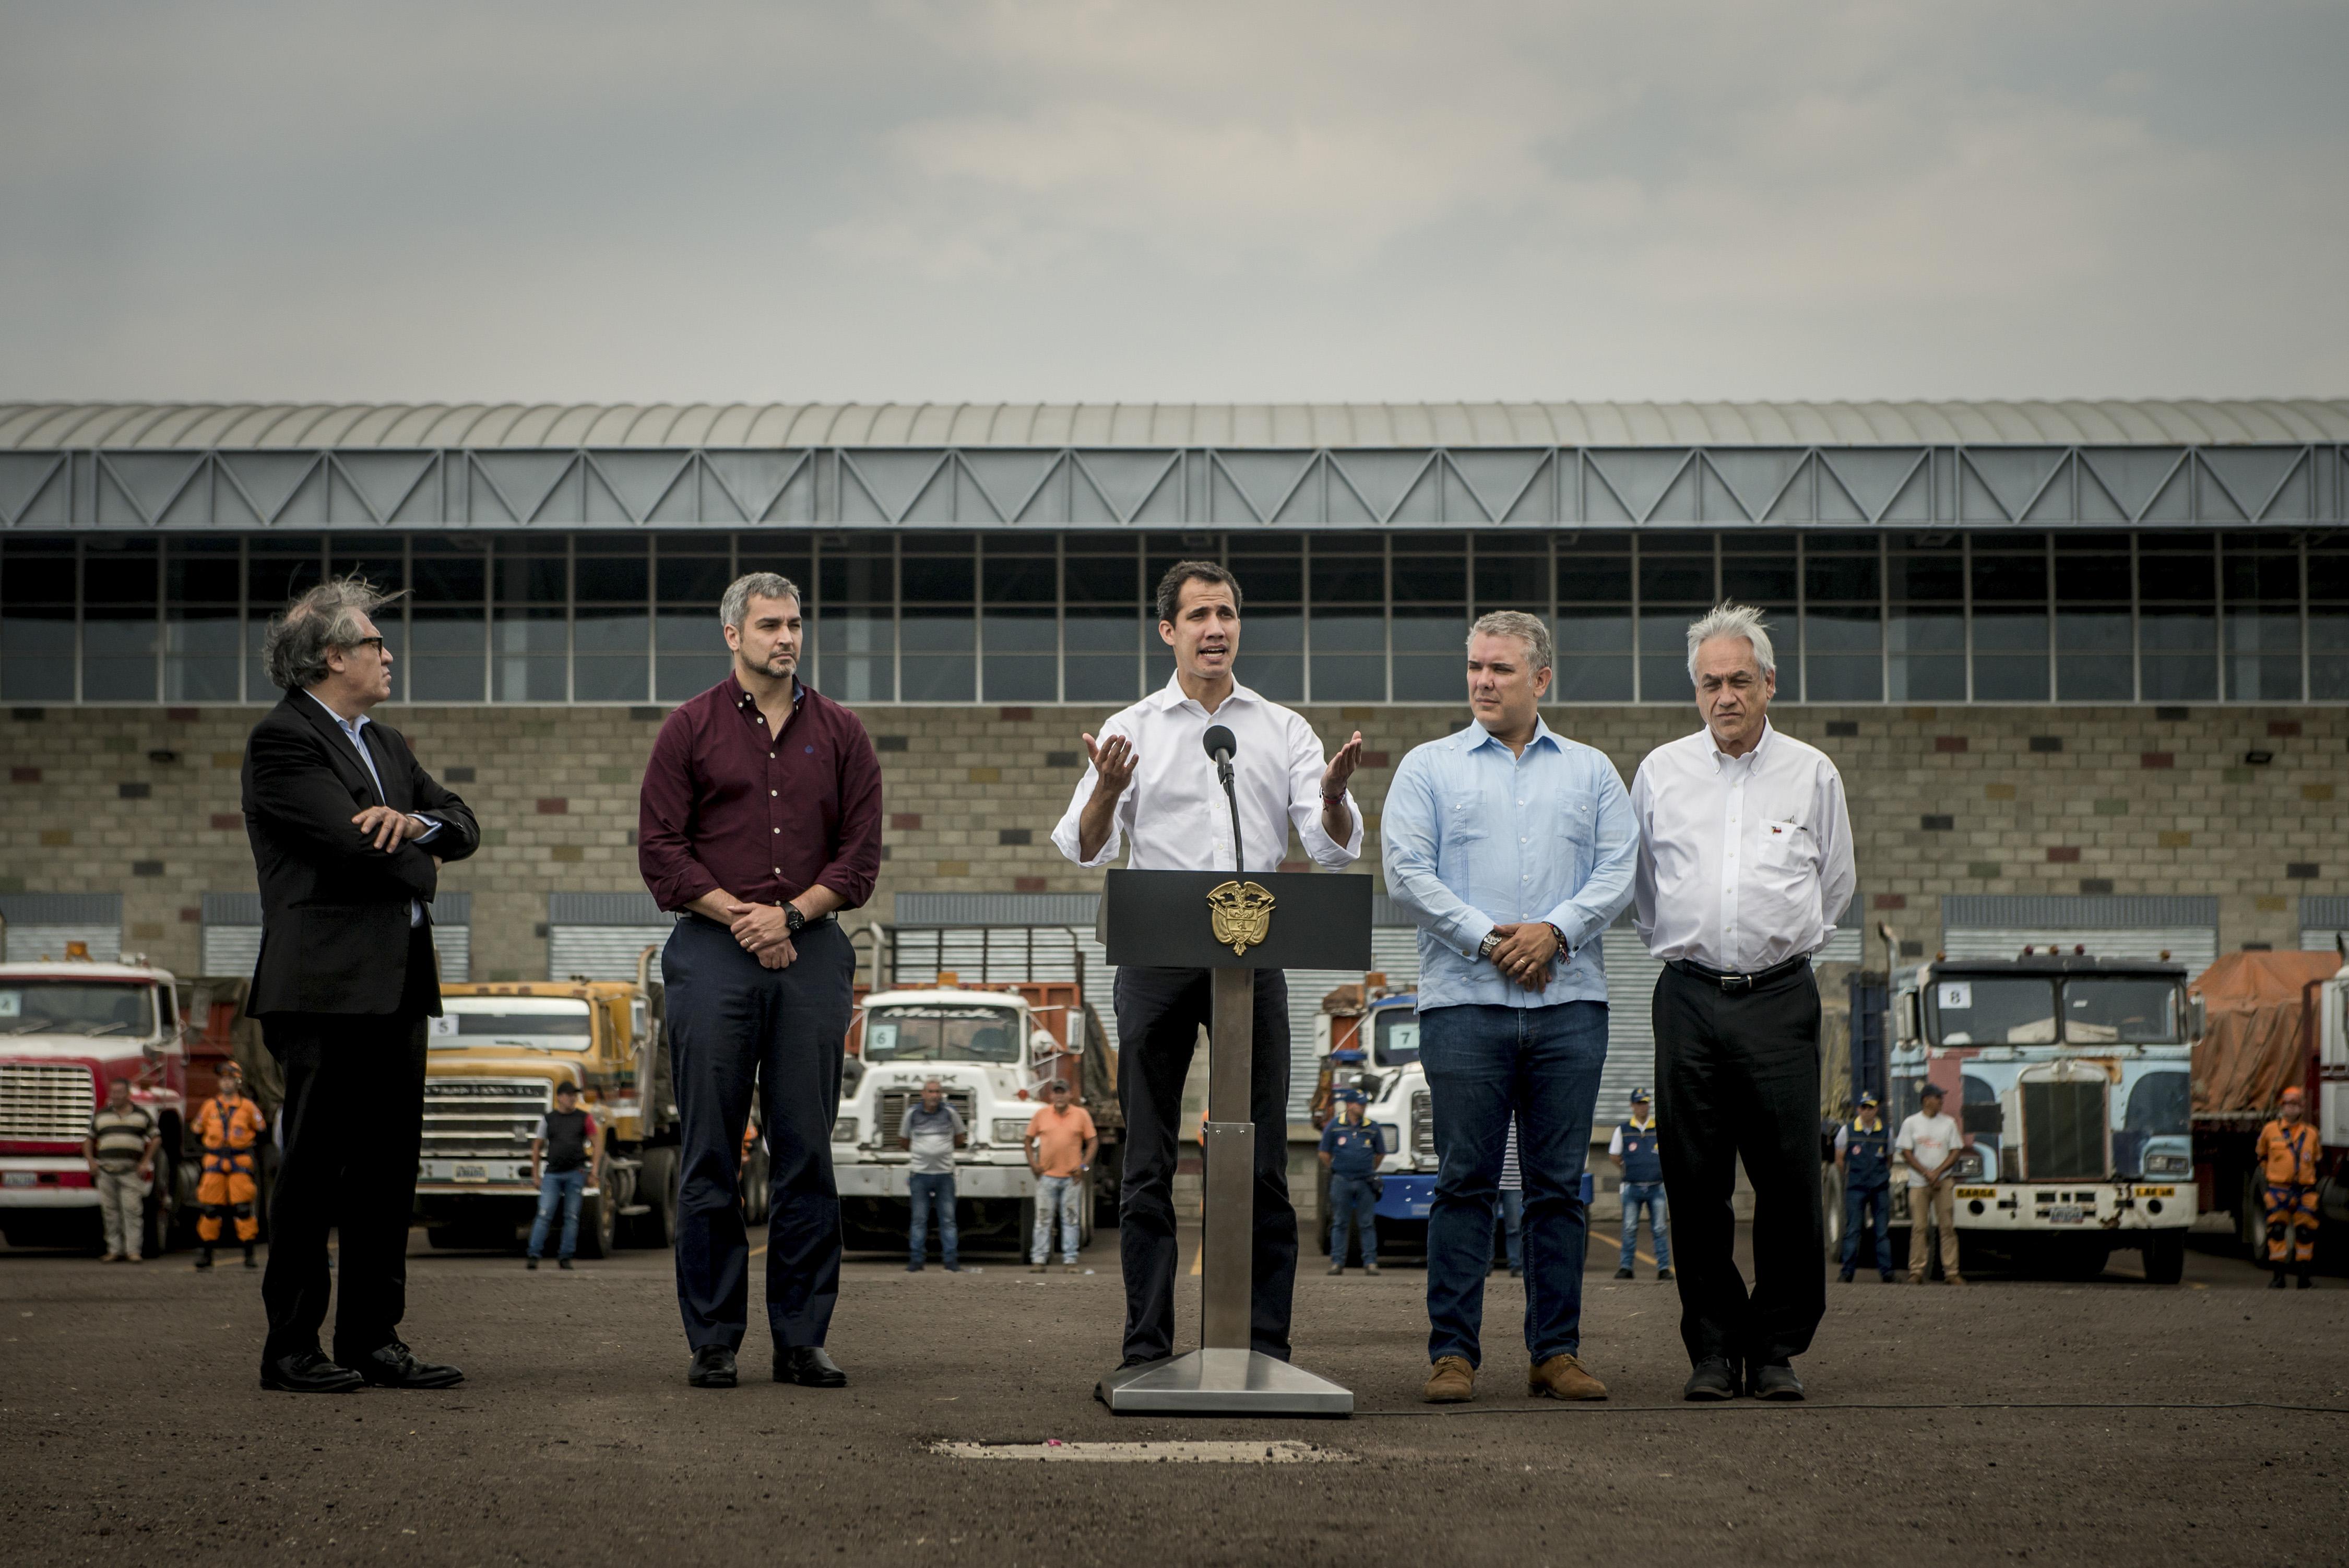 Guaidó, al centro, con los presidentes Sebastián Piñera de Chile, primero desde la derecha, e Iván Duque de Colombia, segundo desde la derecha, así como con Luis Almagro, secretario general de la Organización de Estados Americanos, OEA, primero desde la izquierda, frente a camiones con ayuda humanitaria en Colombia el 23 de febrero. (Meridith Kohut/The New York Times)